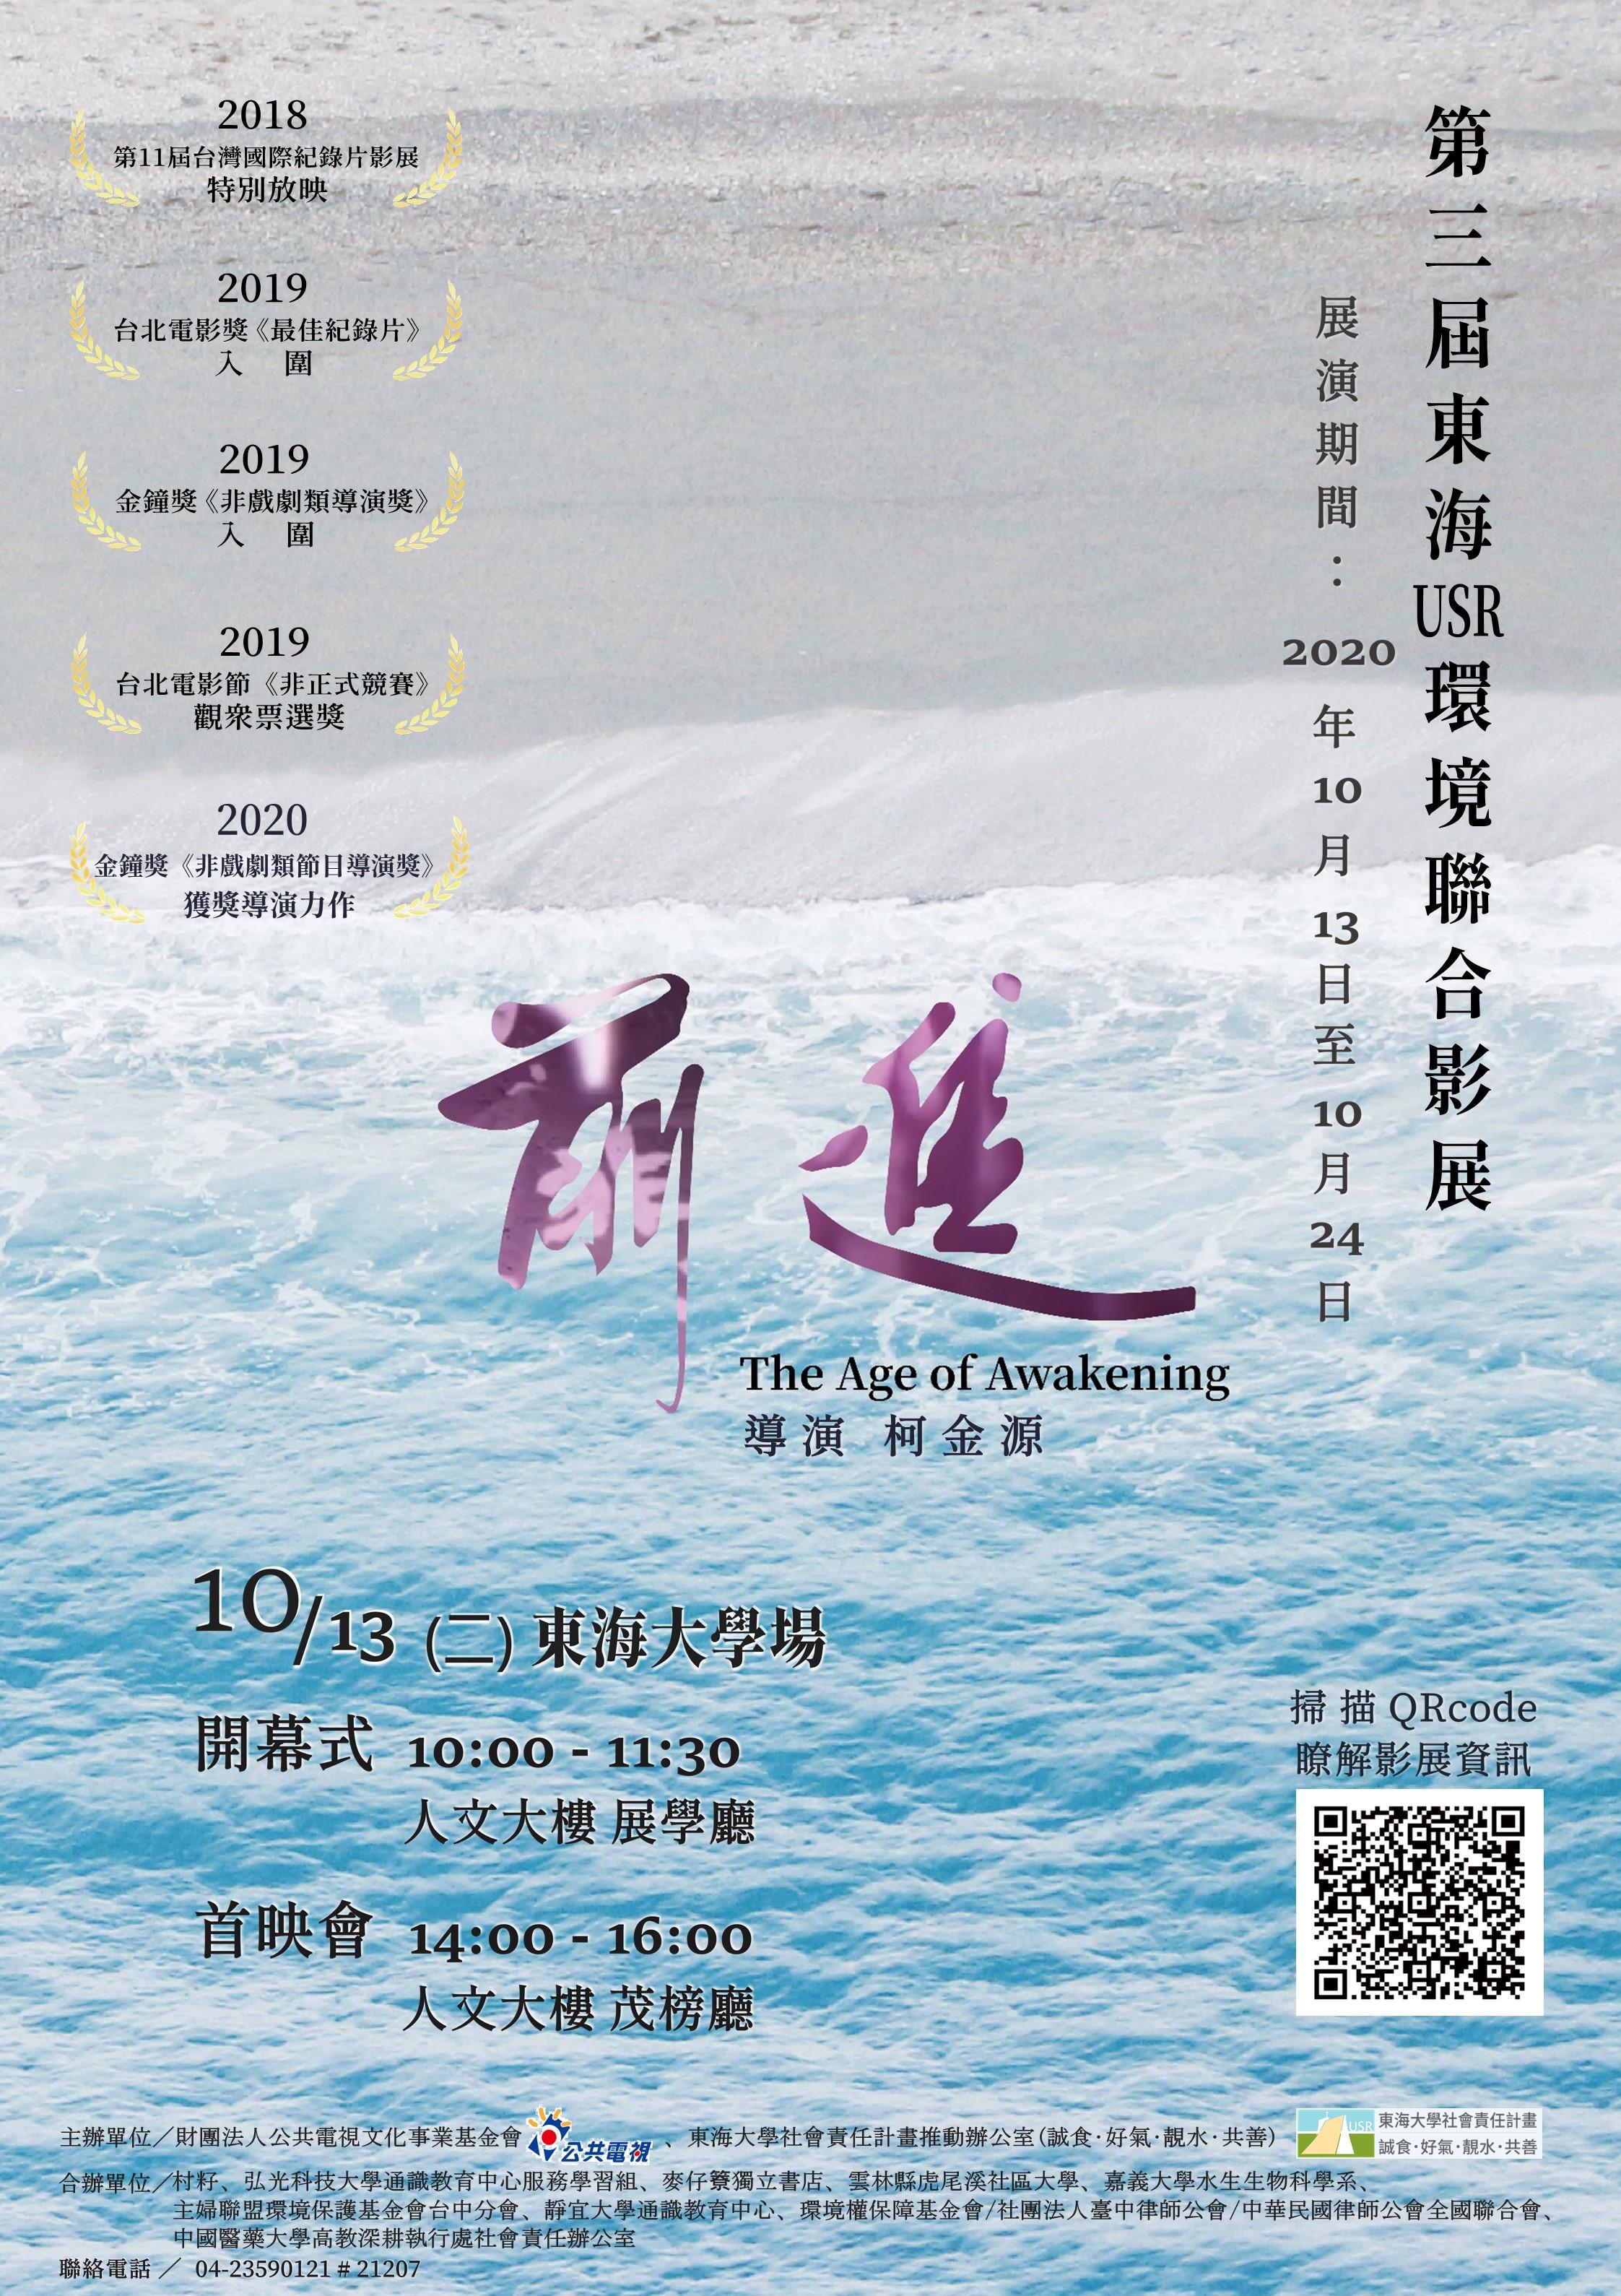 第三屆東海USR環境聯合影展 首映會